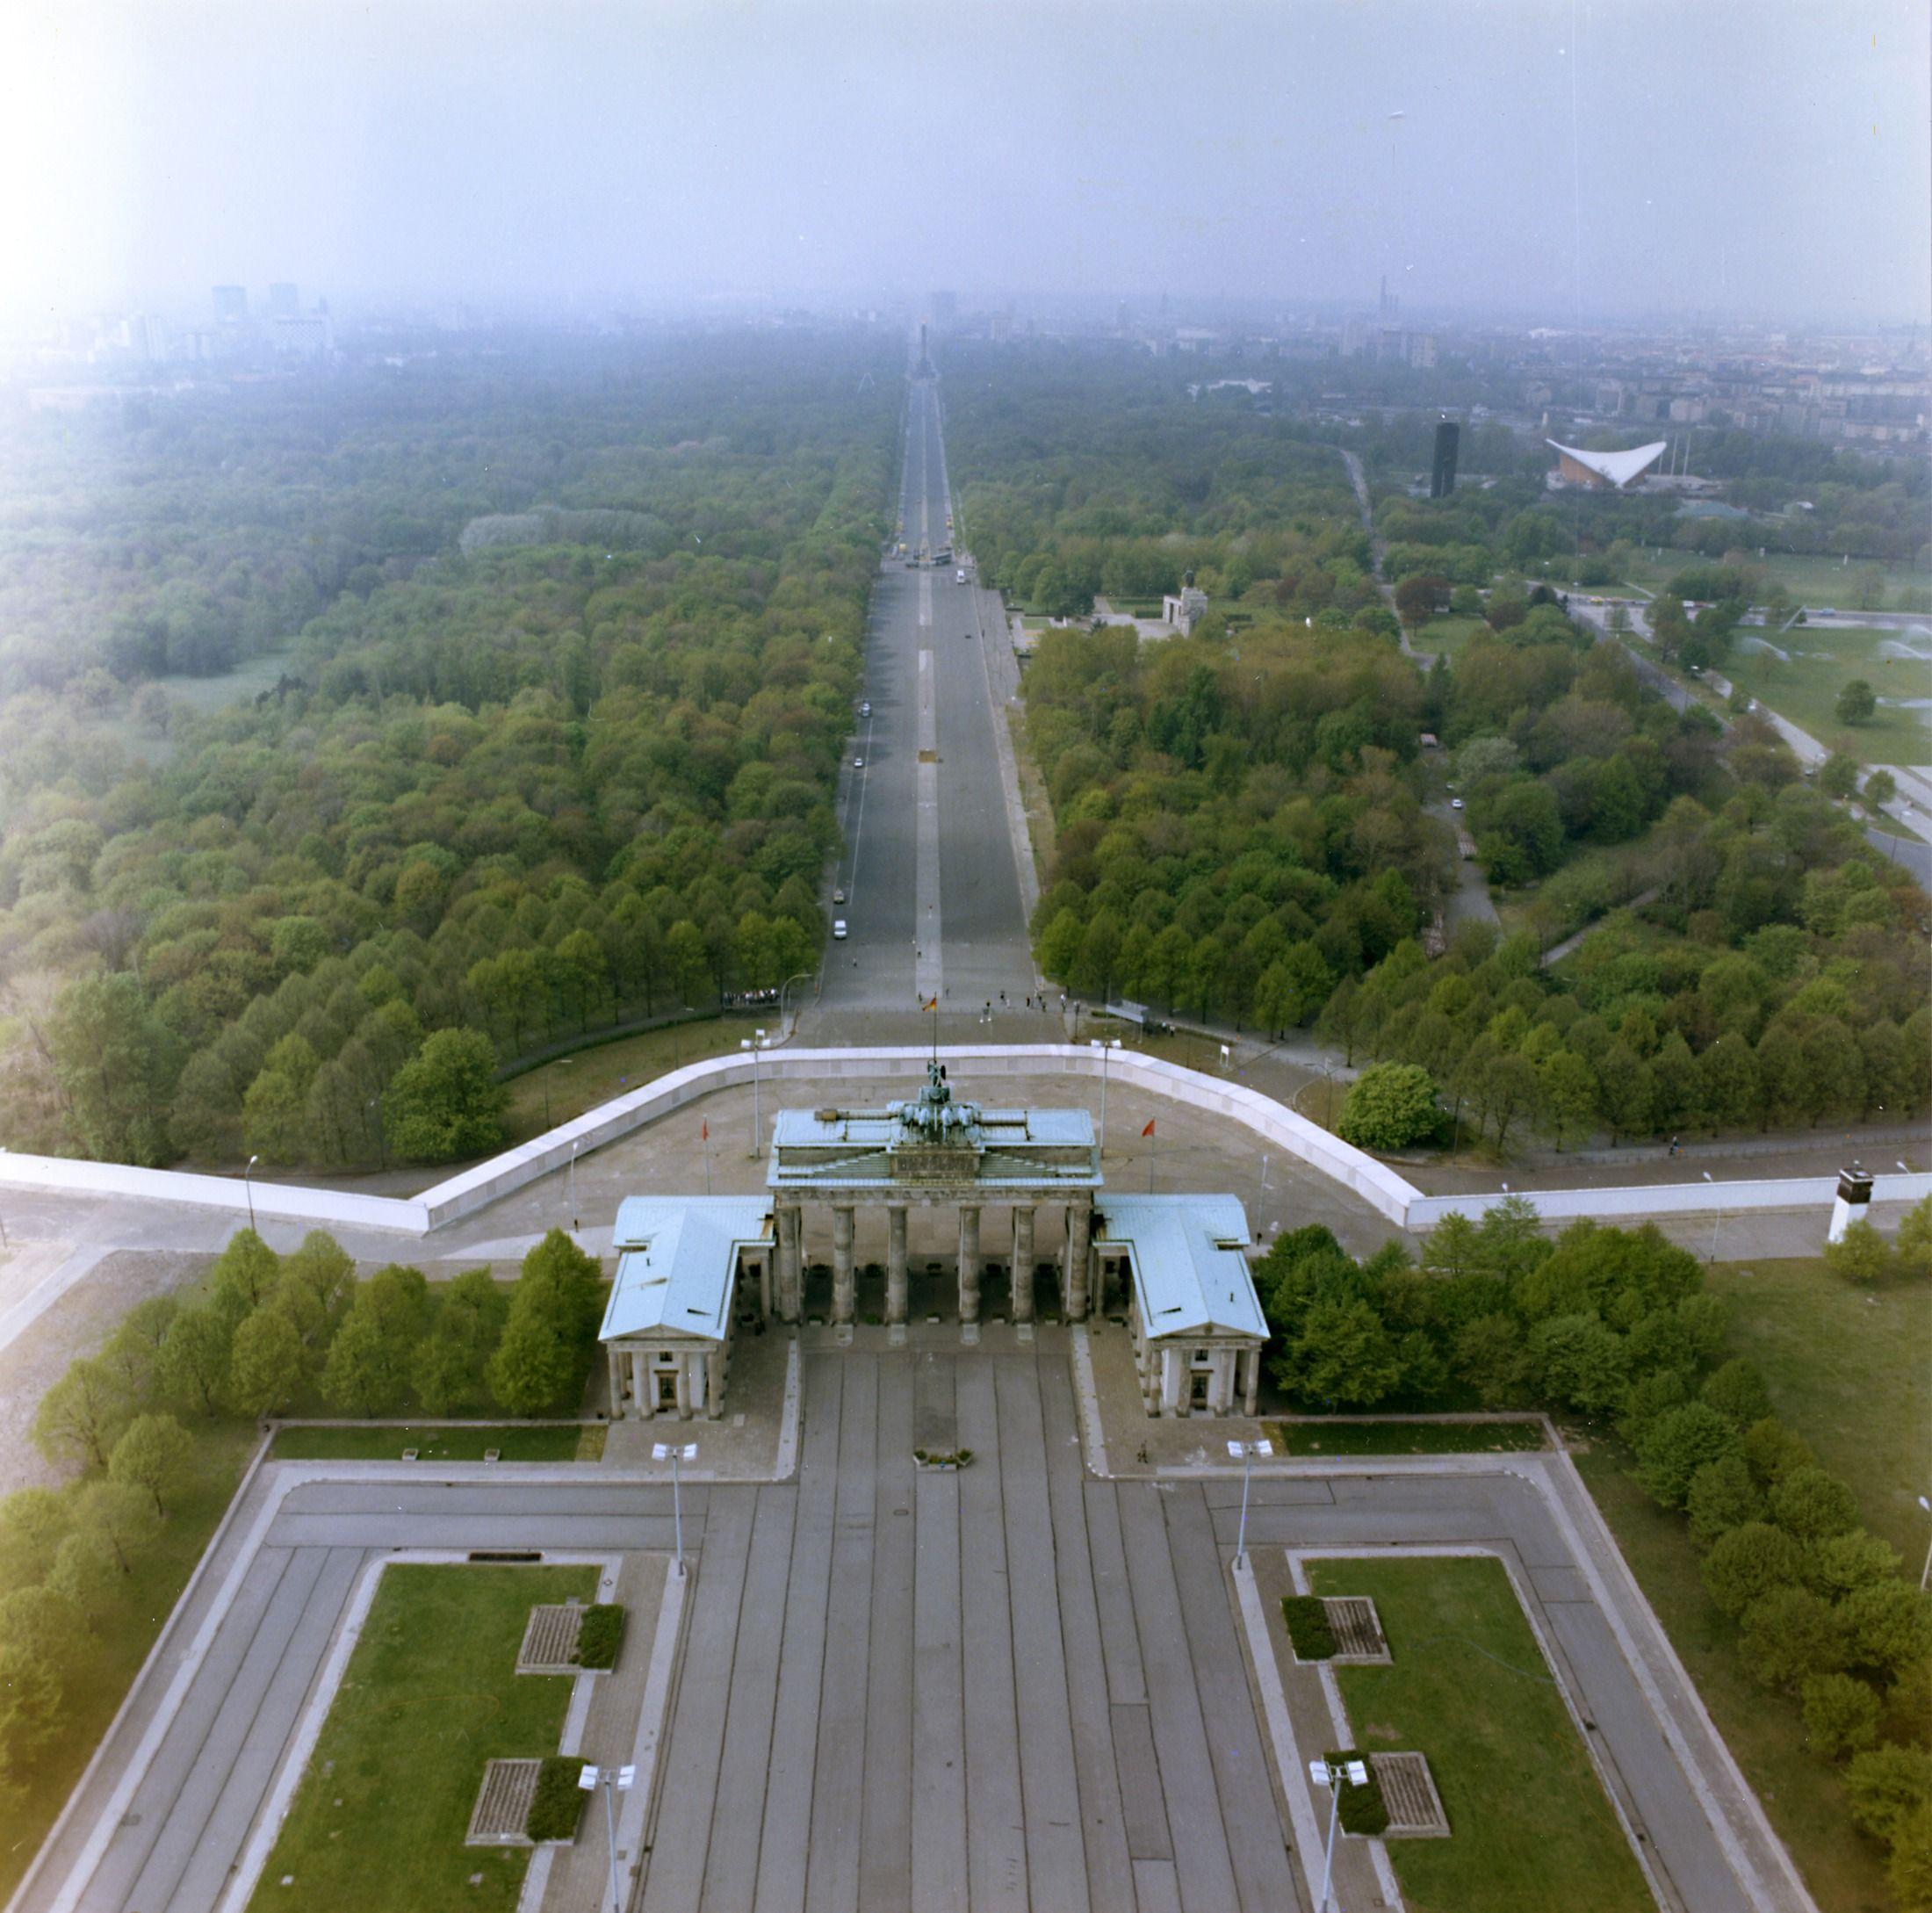 Luftbildaufnahmen Der Berliner Mauer Am Brandenburger Tor Und Am Reichstag Murdeberlin Luftbildaufnahmen Der Berliner Maue House Styles Mansions Ronald Reagan